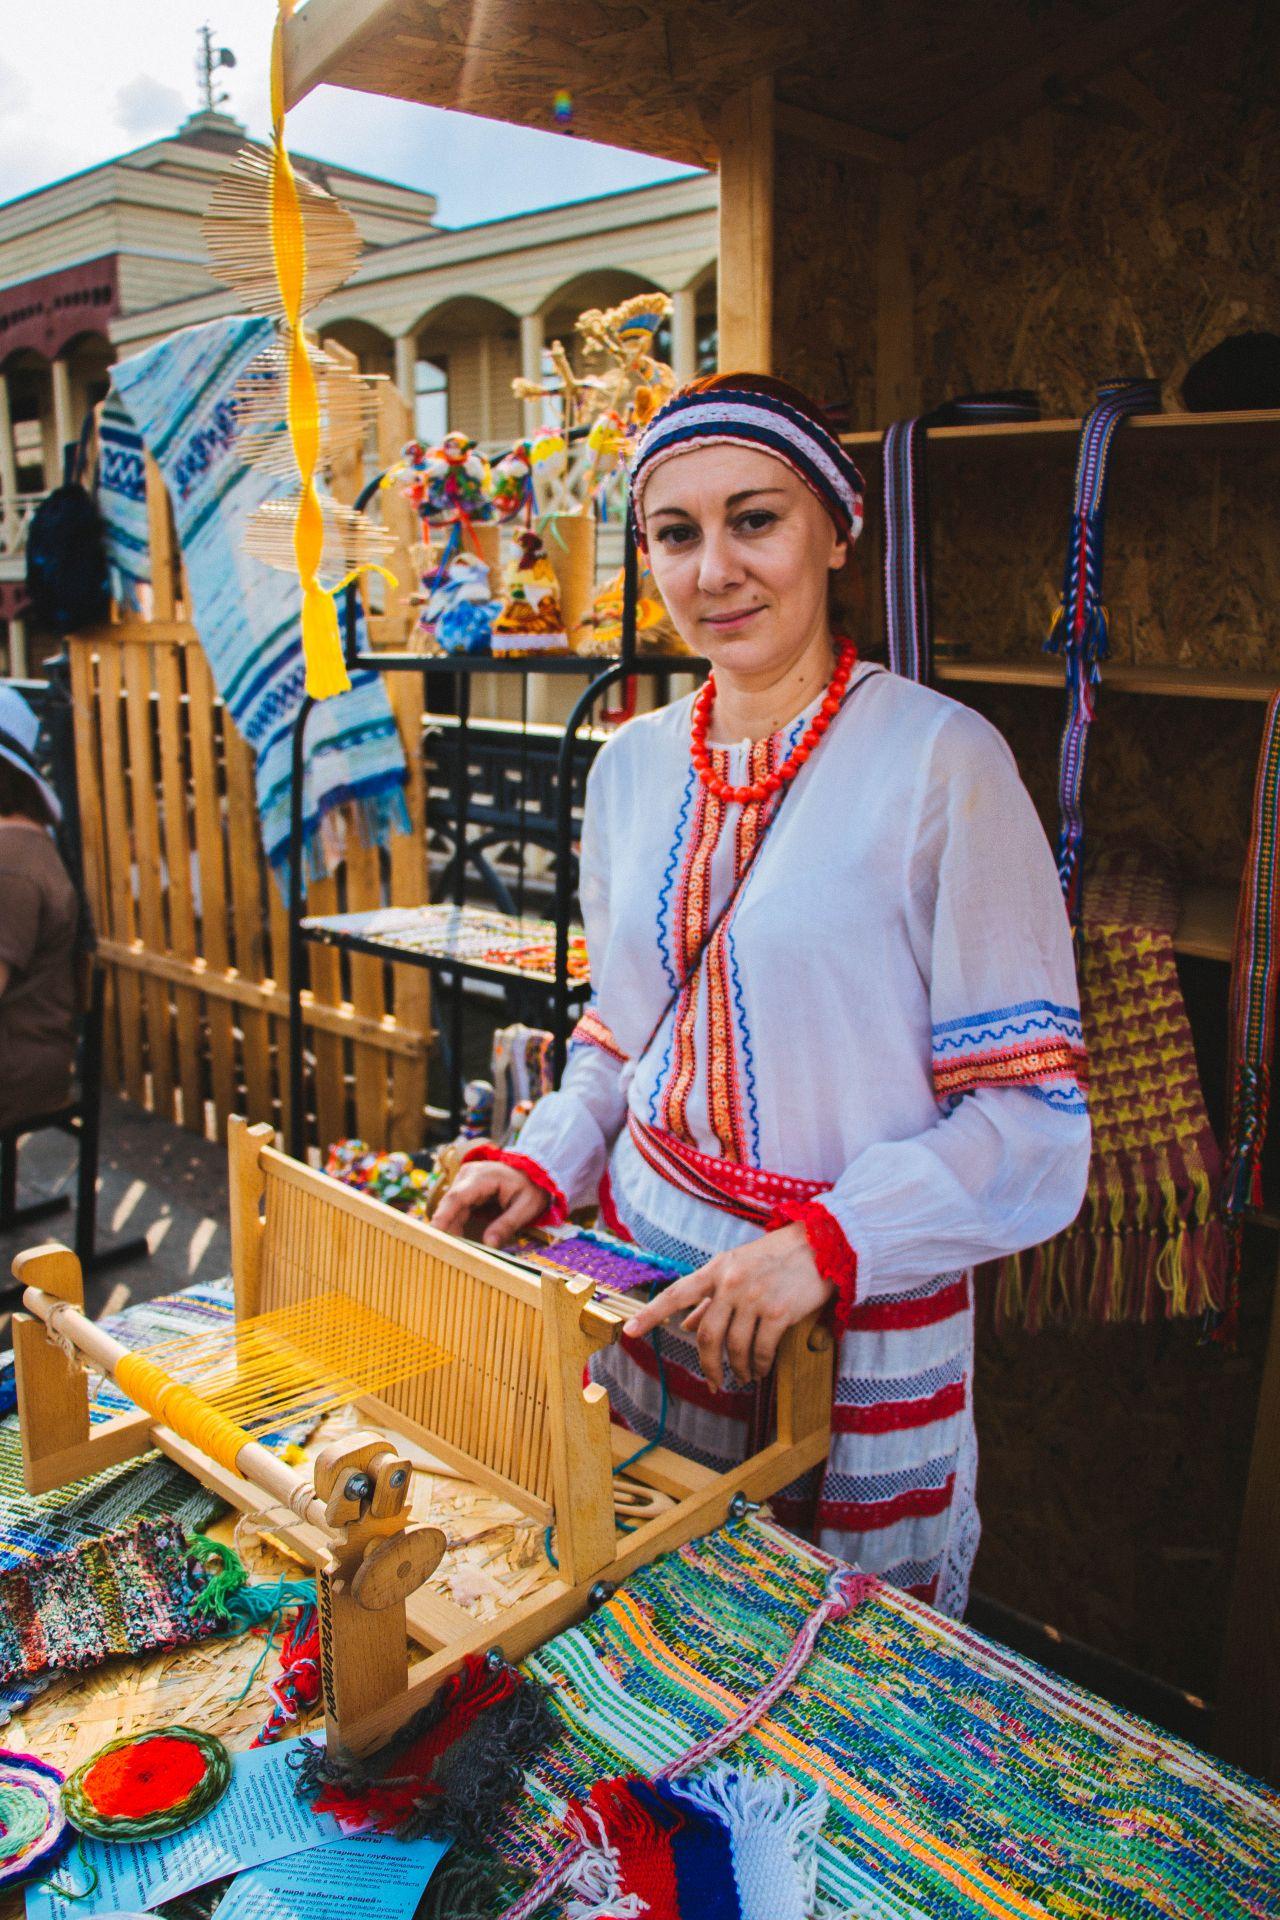 Областной центр народной культуры примет участие в праздновании 460-летия Астрахани